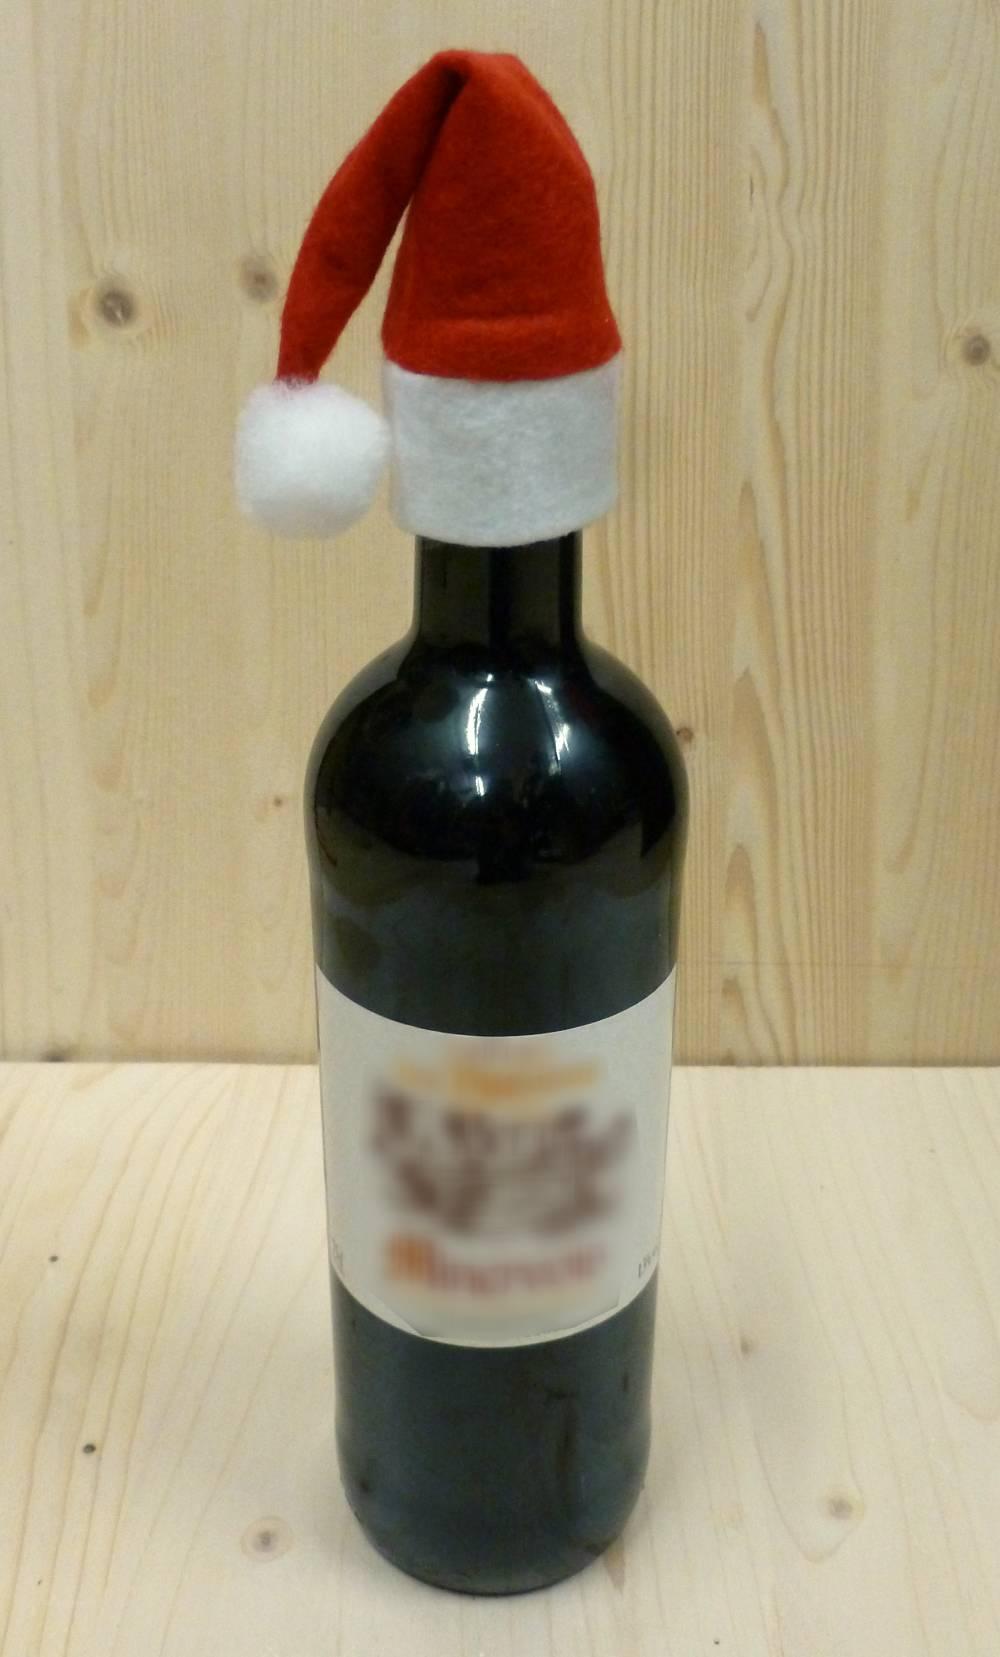 Bonnet-de-Noël-pour-bouteille-3